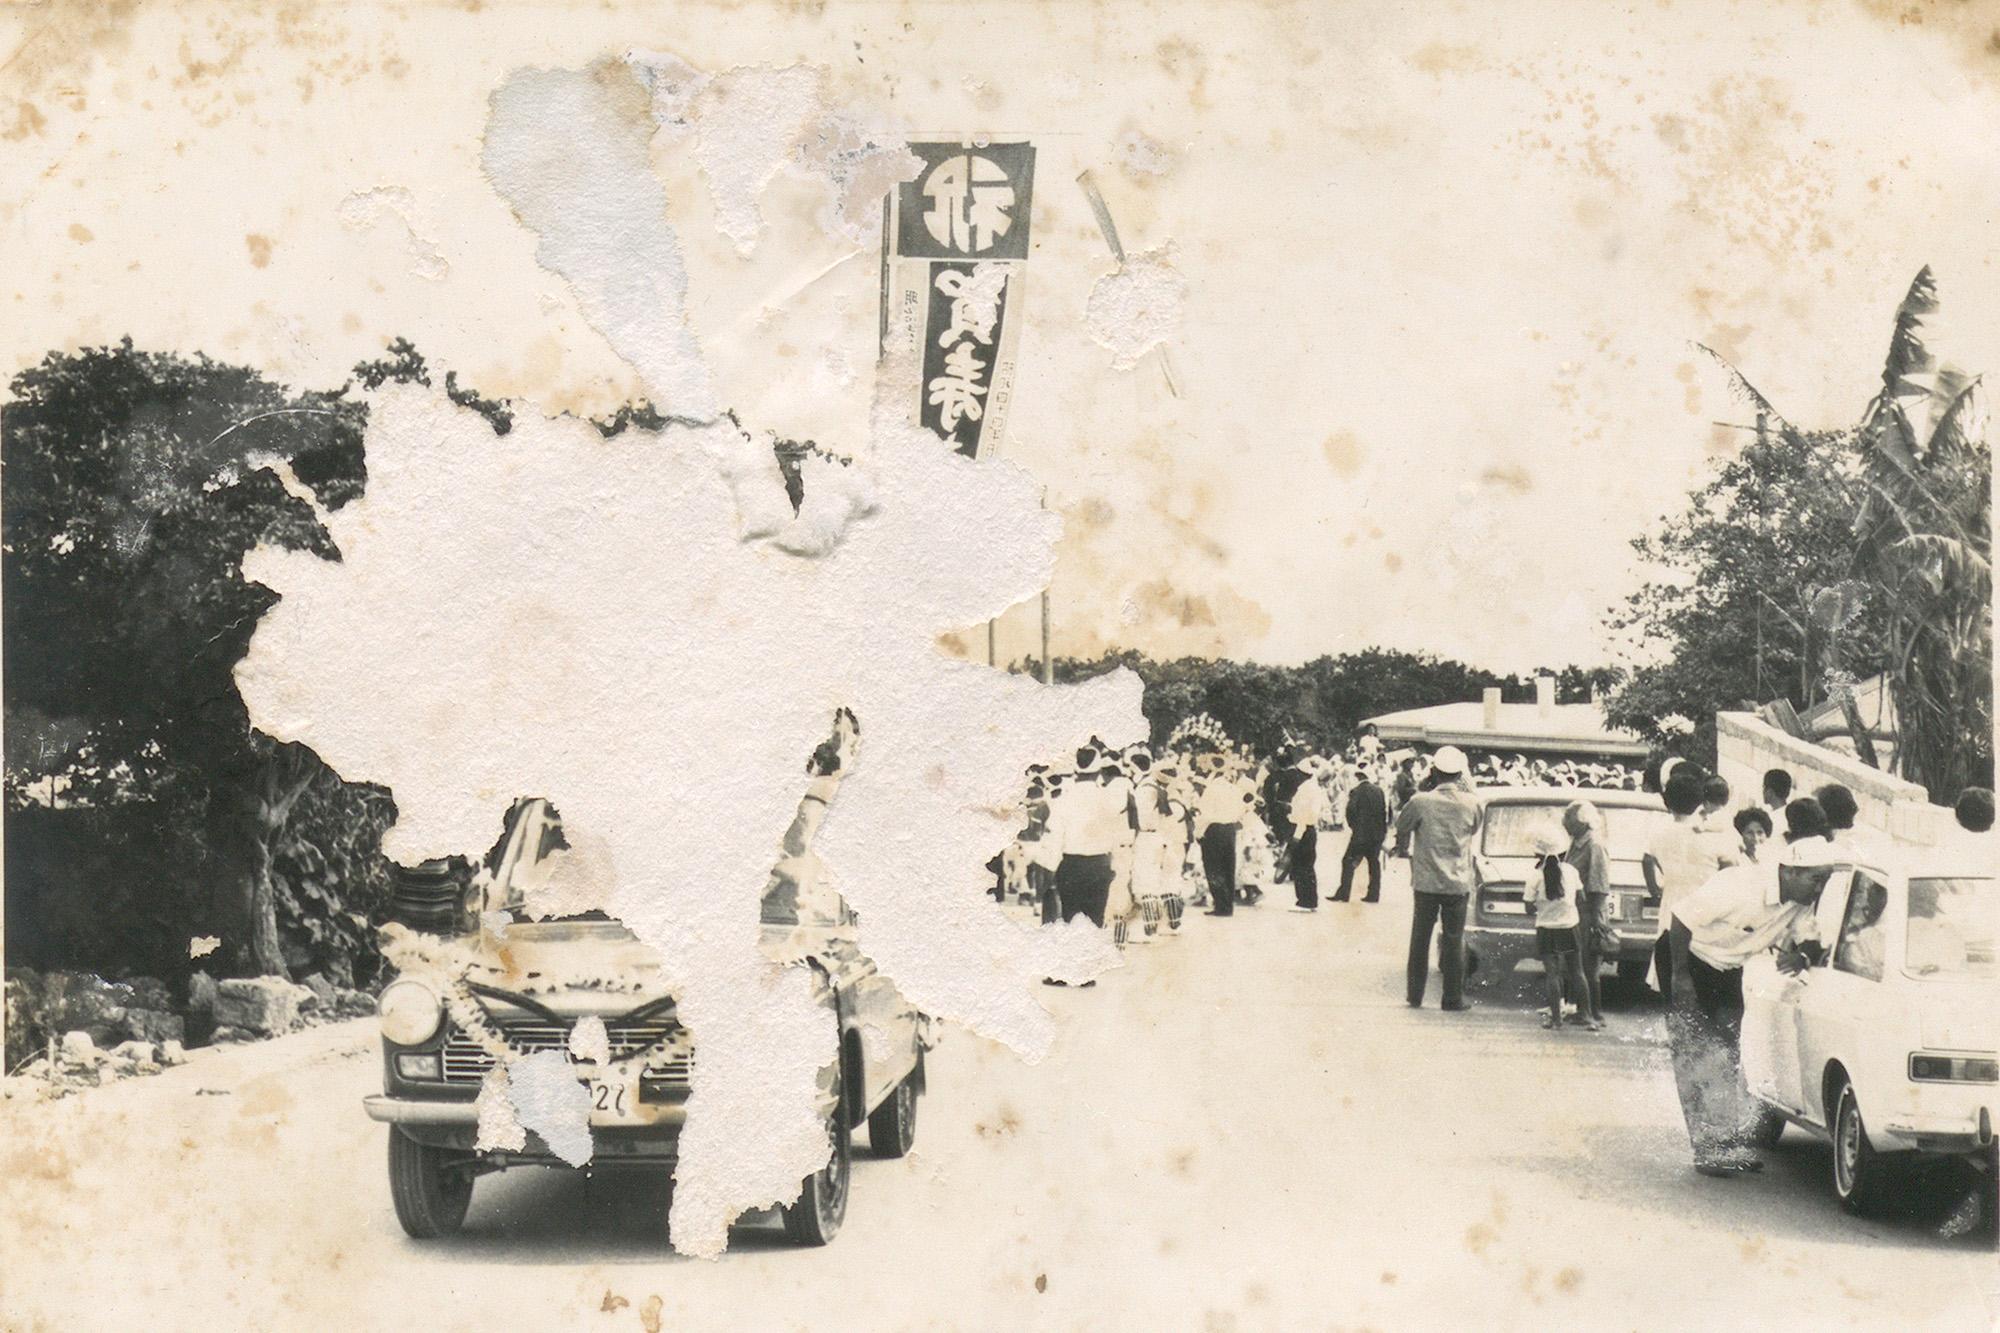 地域総出⁉1969年に行われた幸喜ウシさんの盛大なカジマヤー記念祝(その2) / 南城市 旧玉城村仲村渠 おきなわアーカイブ